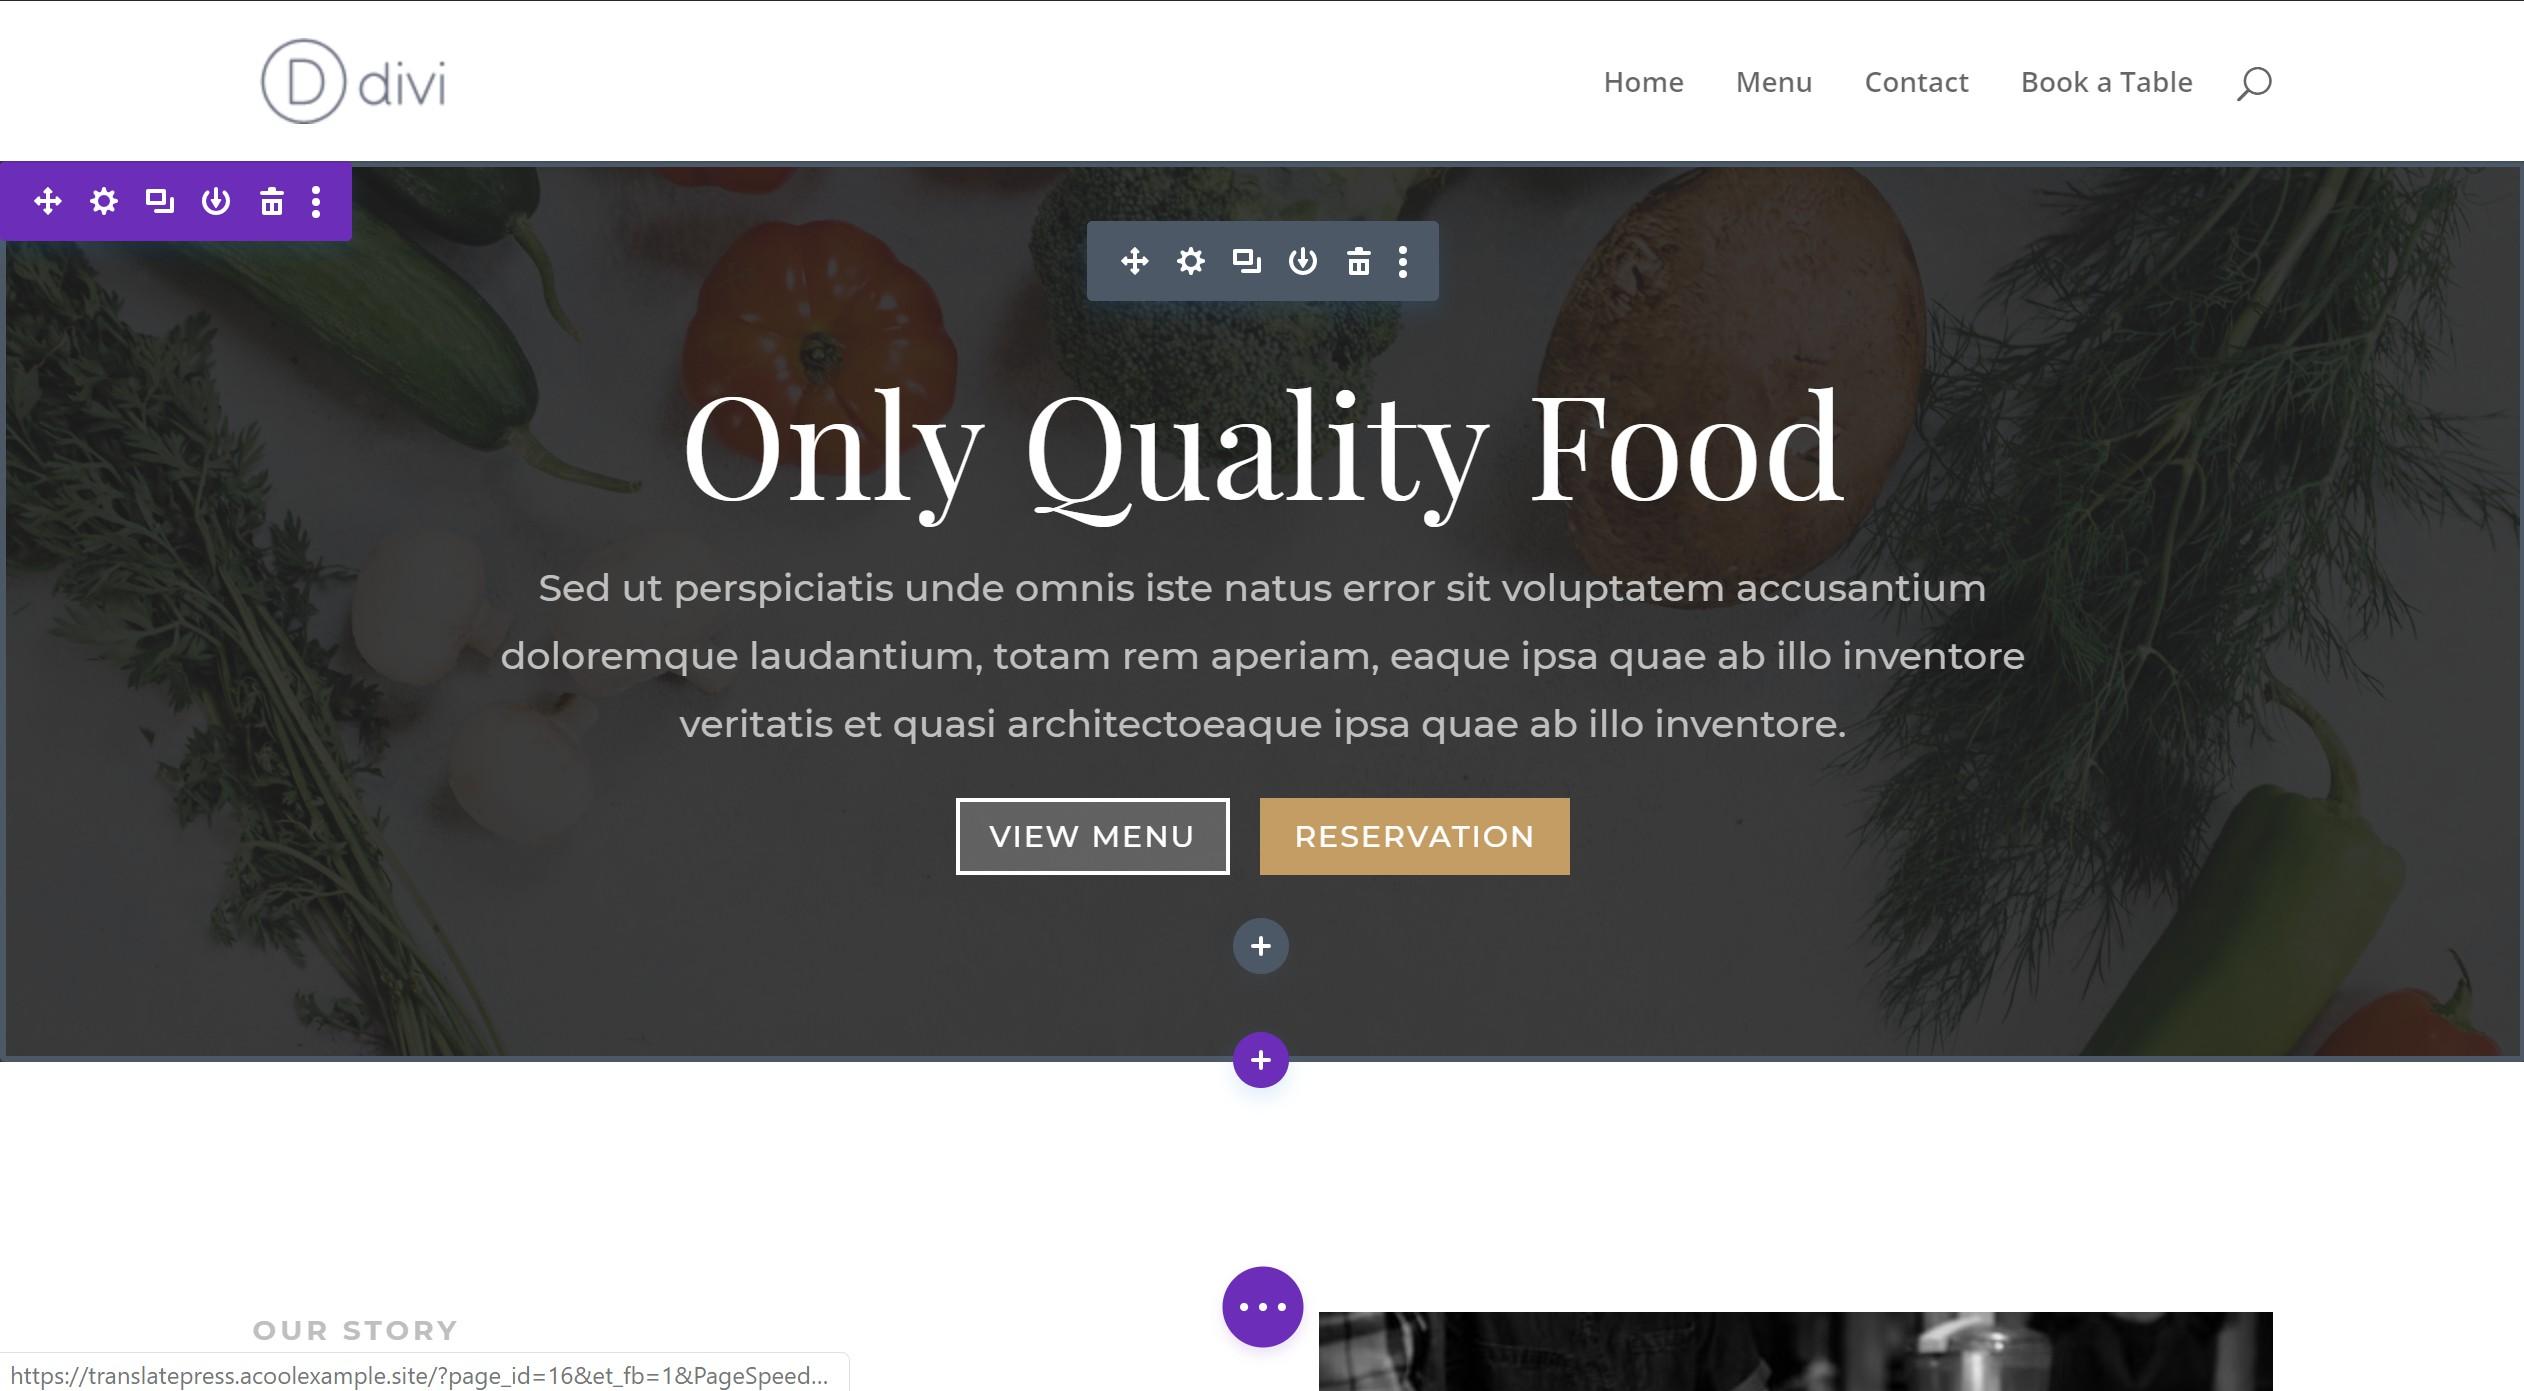 Example of Divi site